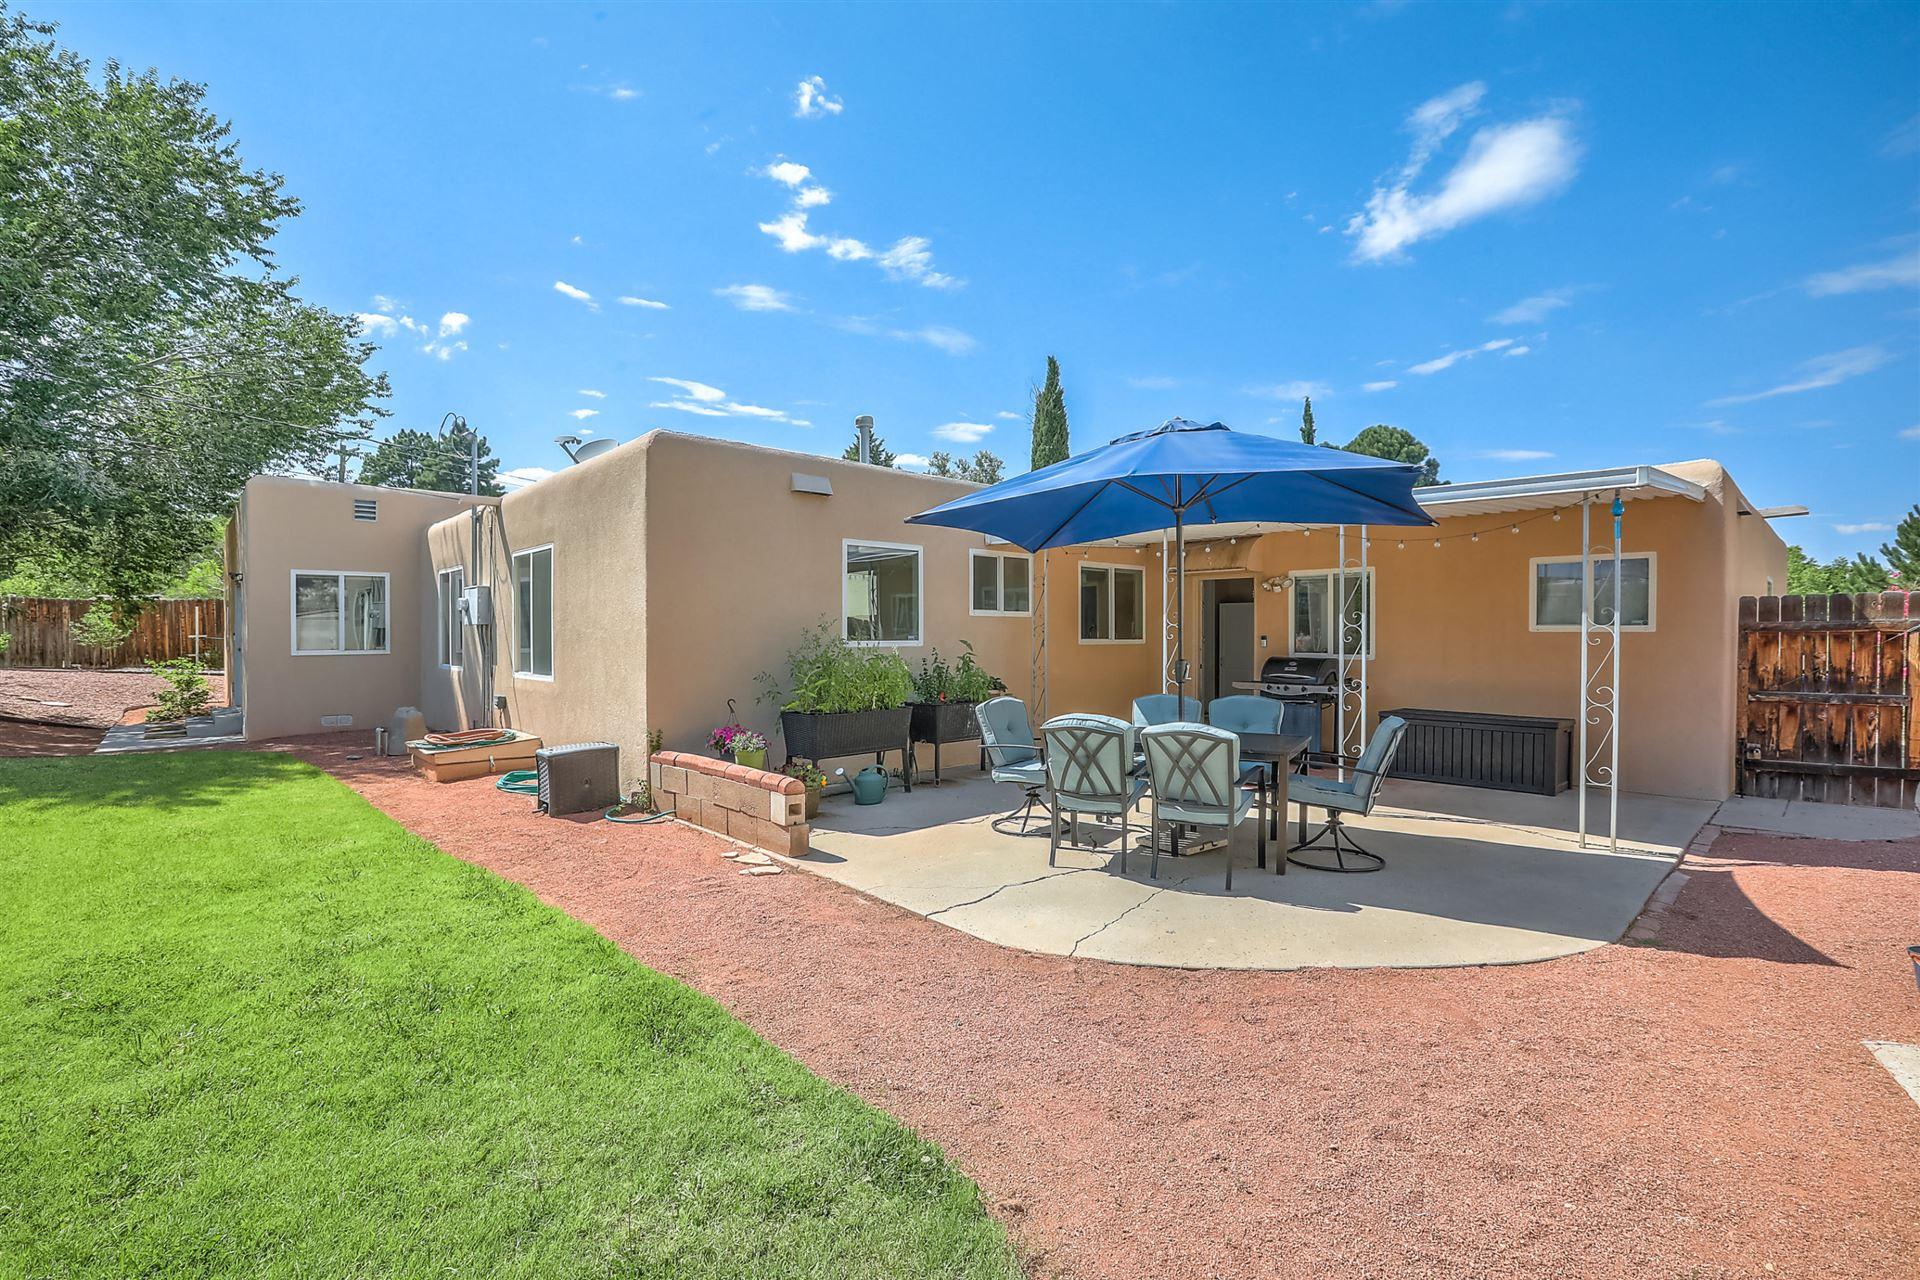 Photo of 809 ADAMS Place SE, Albuquerque, NM 87108 (MLS # 971829)